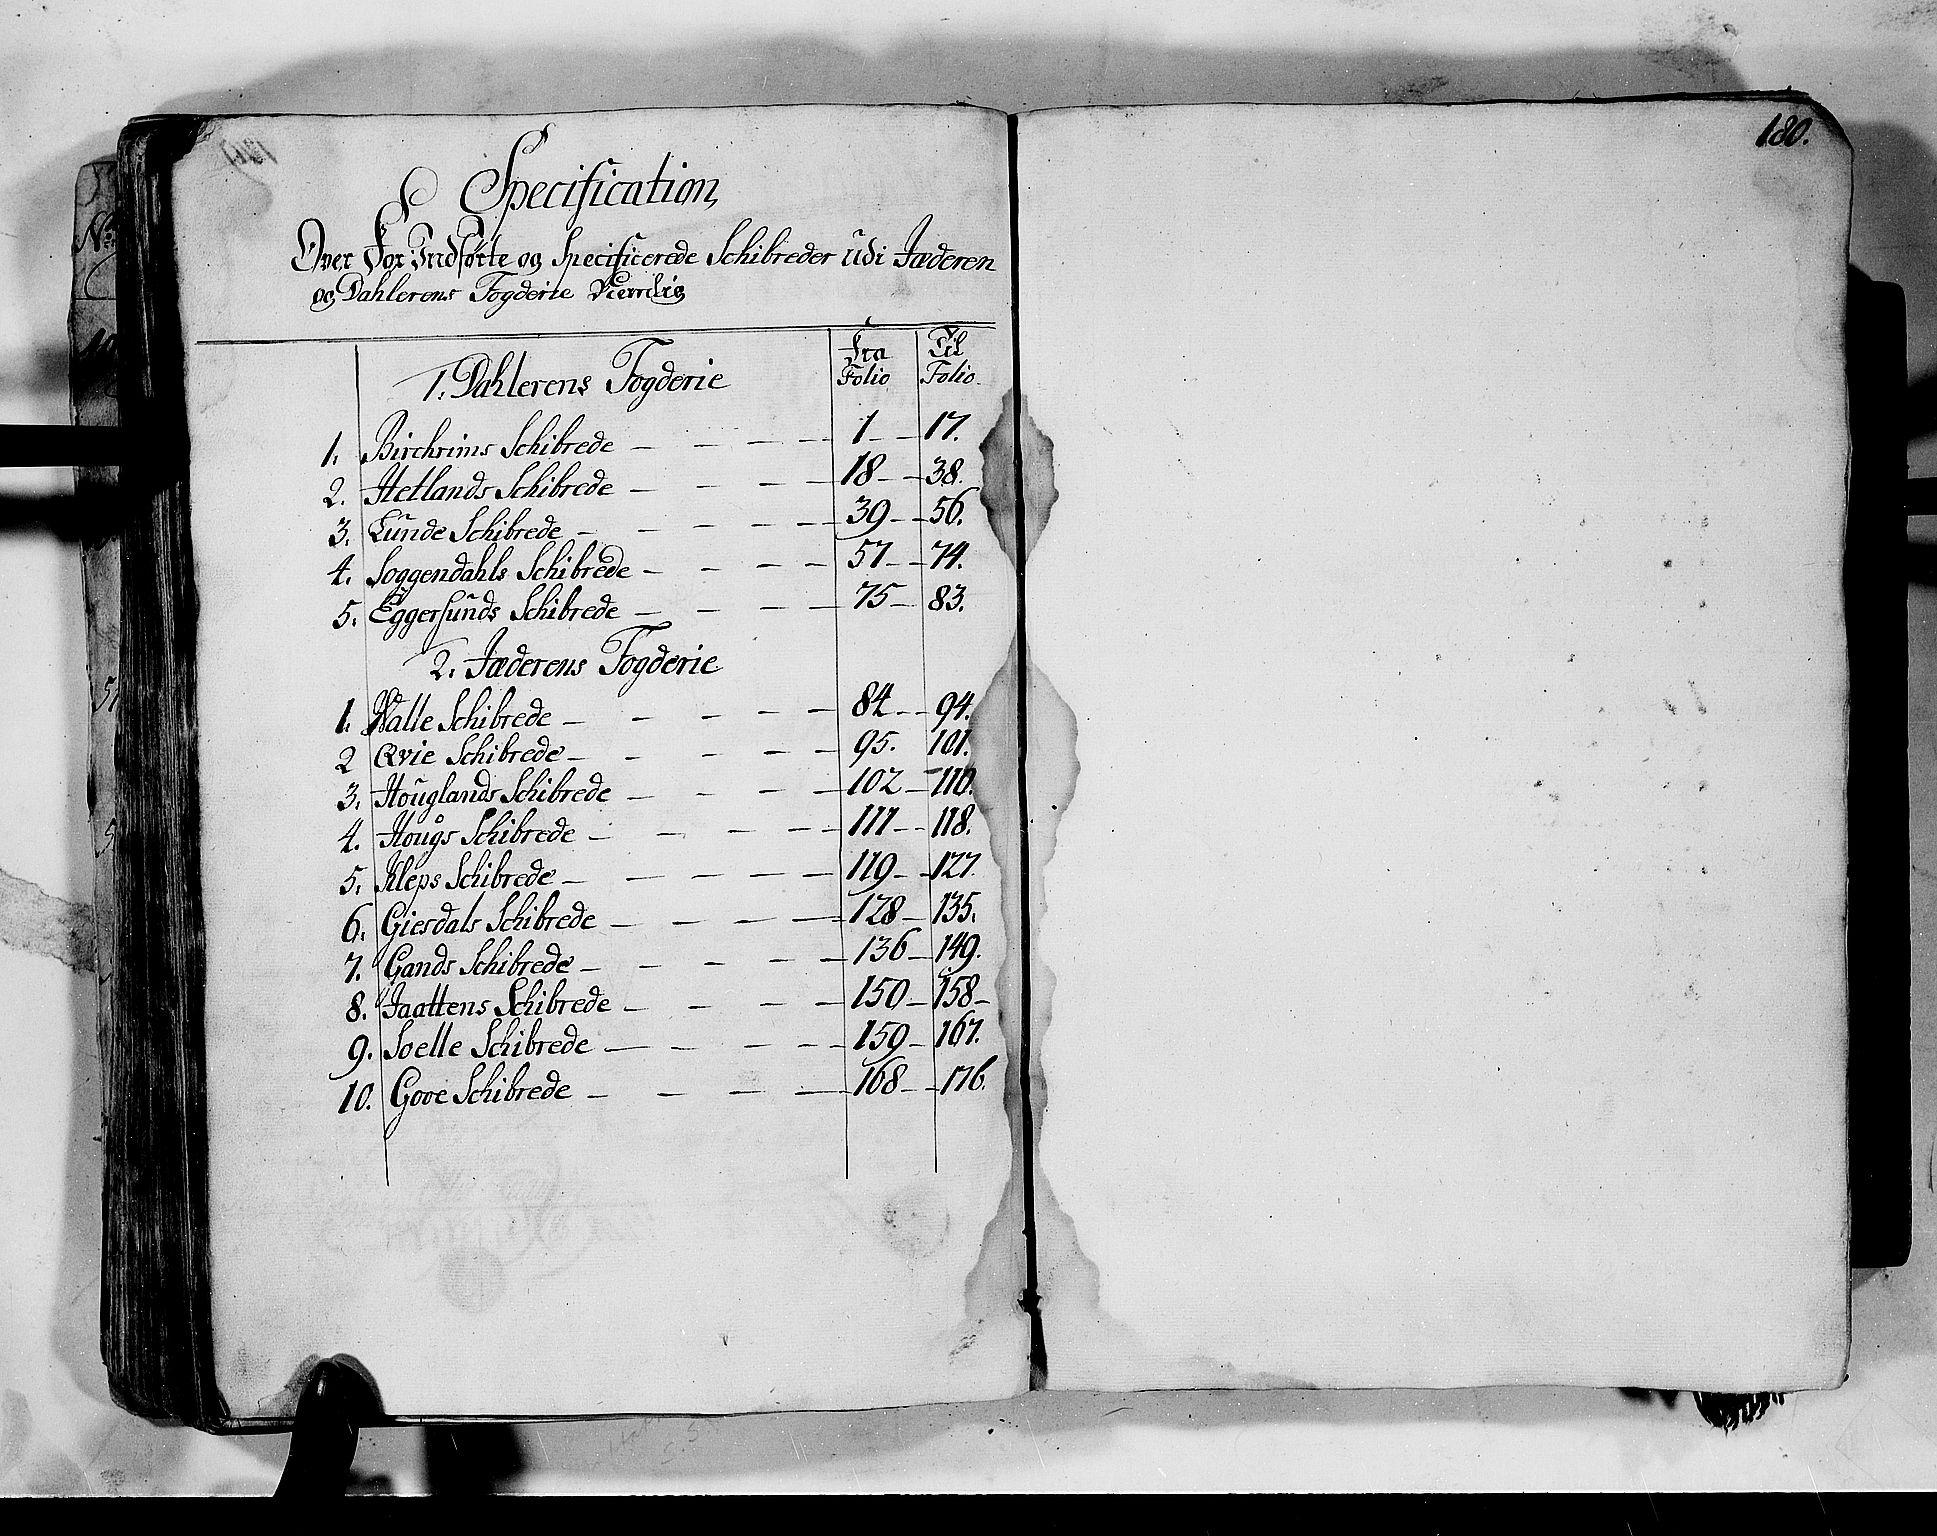 RA, Rentekammeret inntil 1814, Realistisk ordnet avdeling, N/Nb/Nbf/L0132: Jæren og Dalane matrikkelprotokoll, 1723, s. 179b-180a